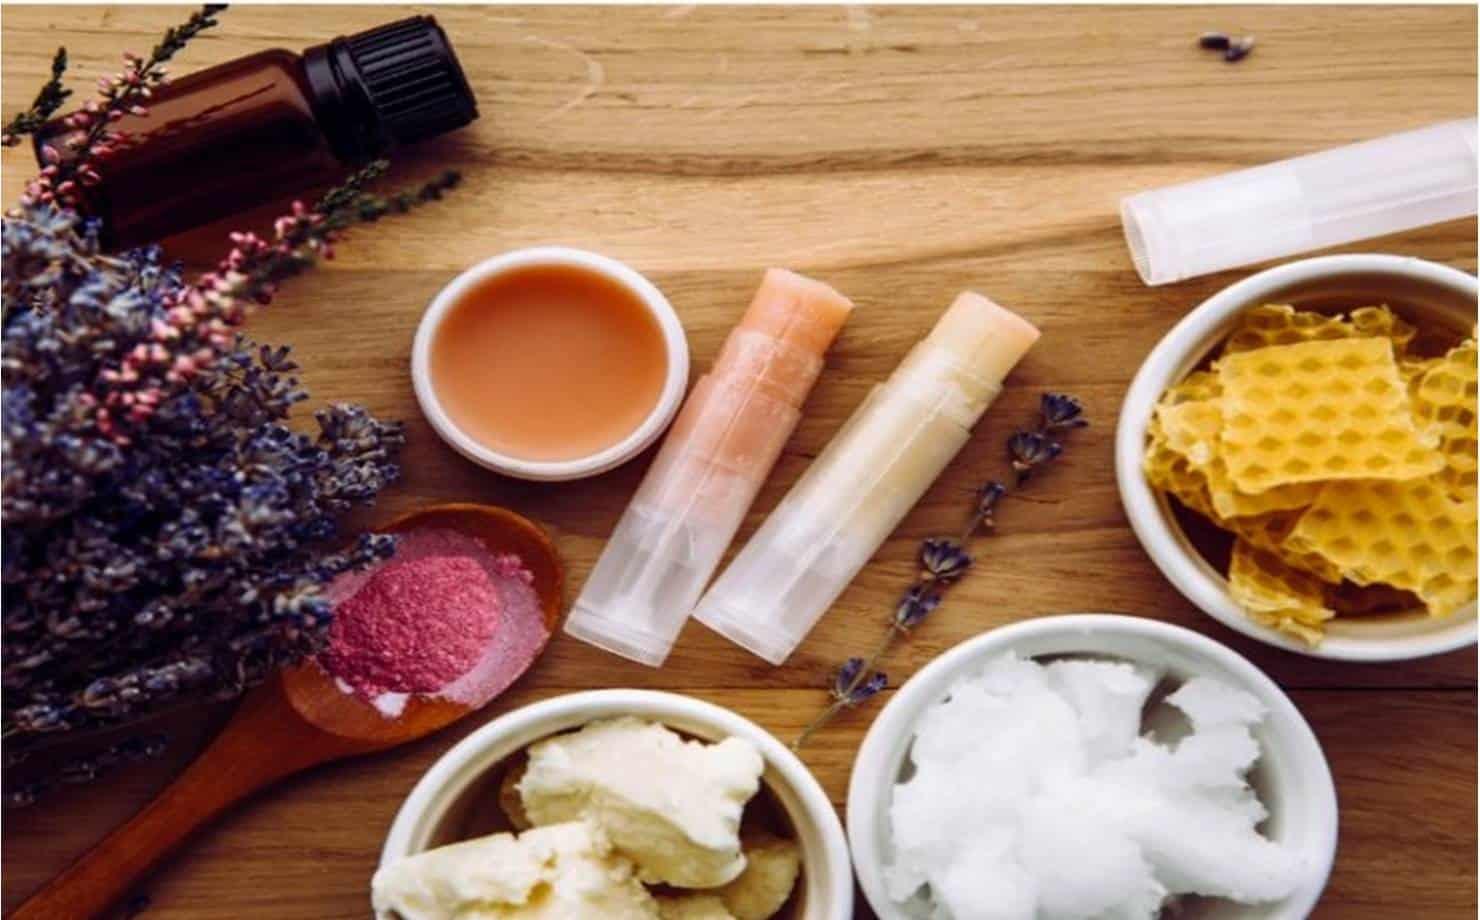 Batom Caseiro na Mesa com Ingredientes